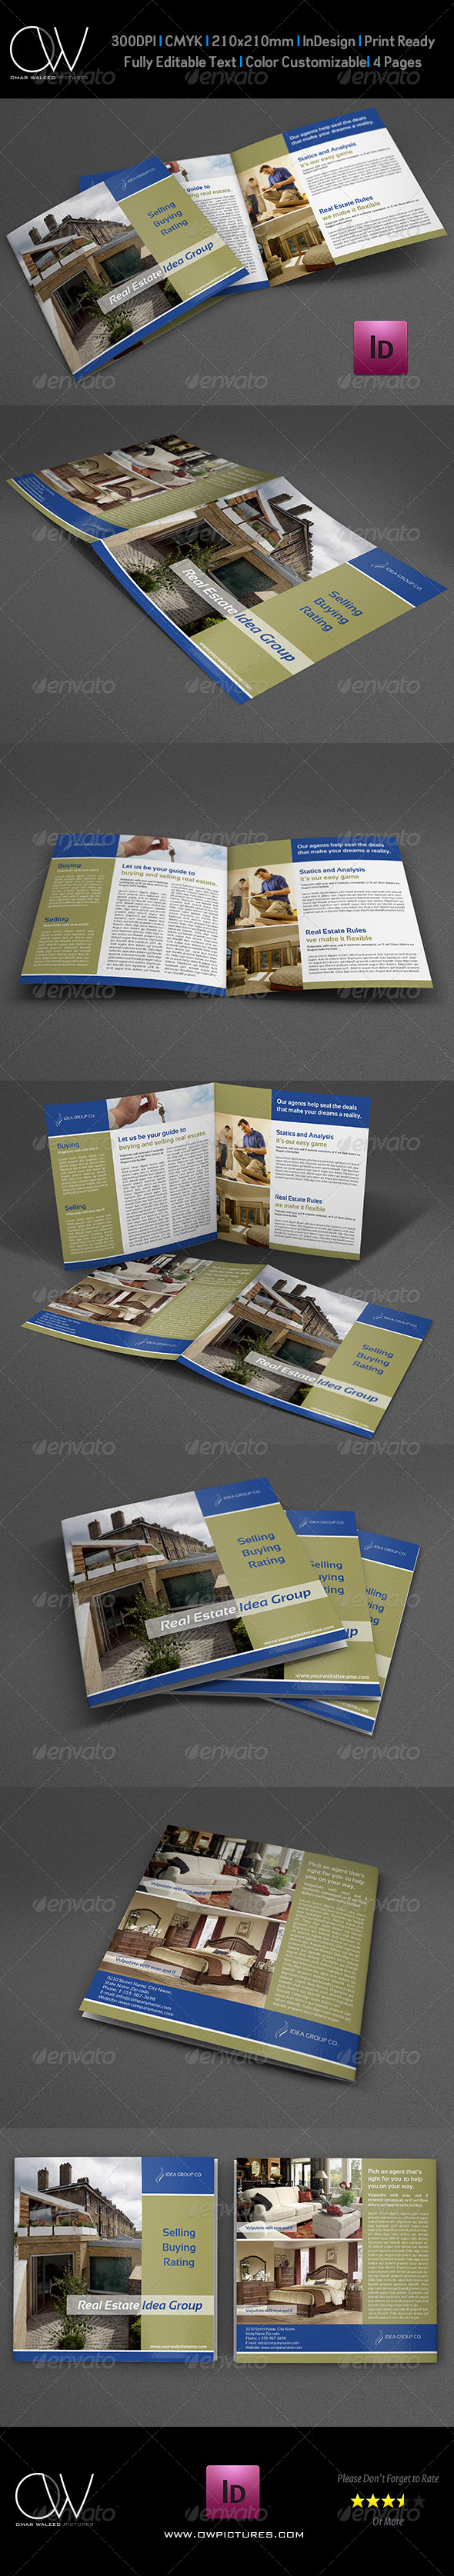 GraphicRiver Real Estate Bi-Fold Square Brochure Template Vol.3 8083027